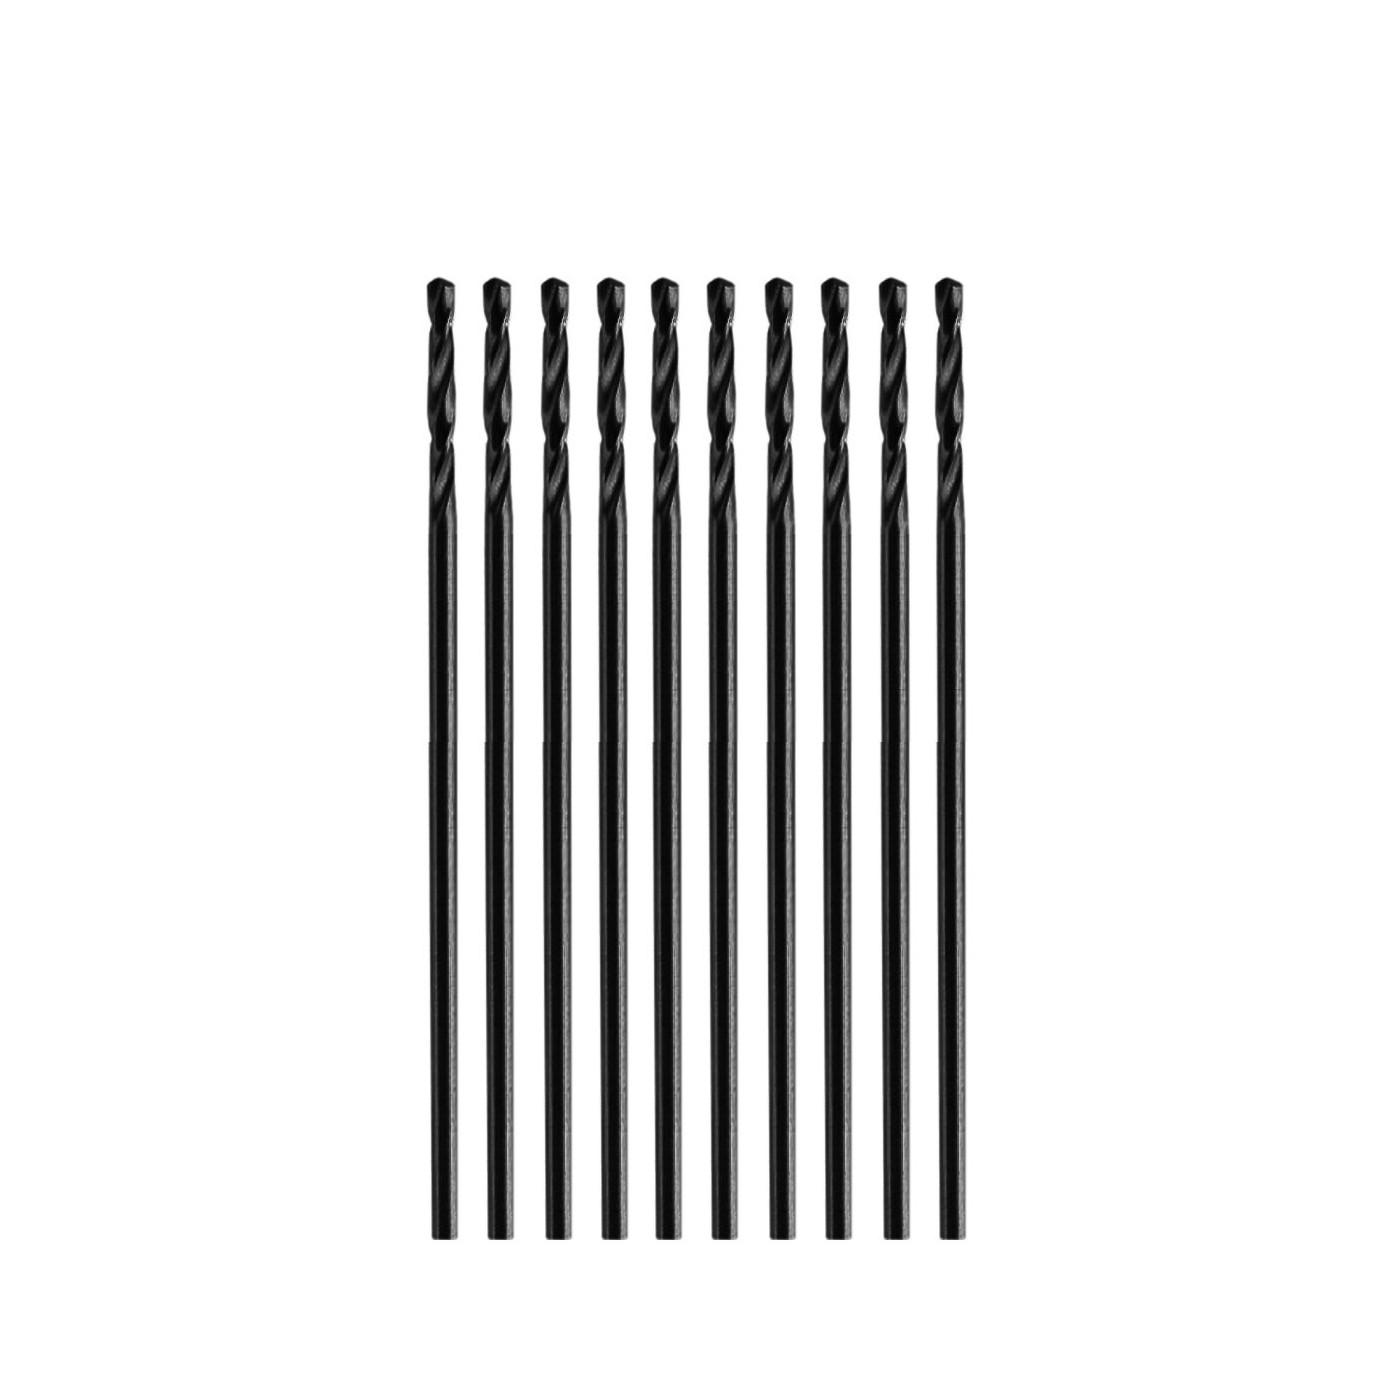 Set van 10 kleine metaalboren (2,5x55 mm, HSS-R)